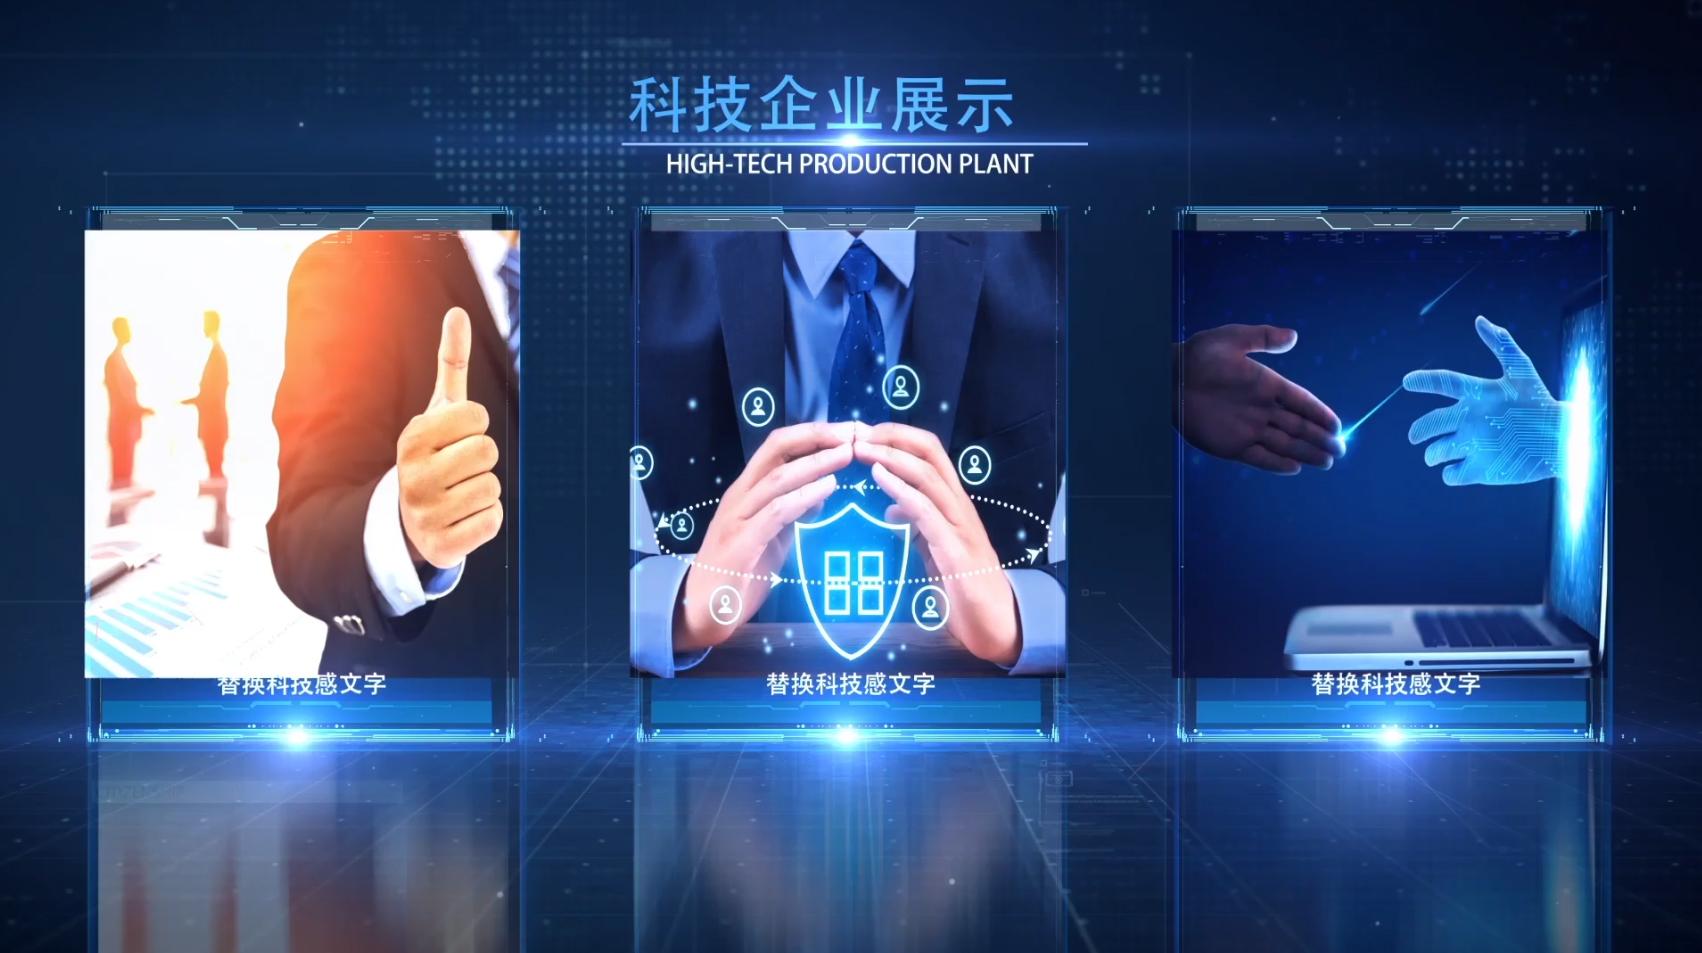 高科技企业宣传展示AE模板